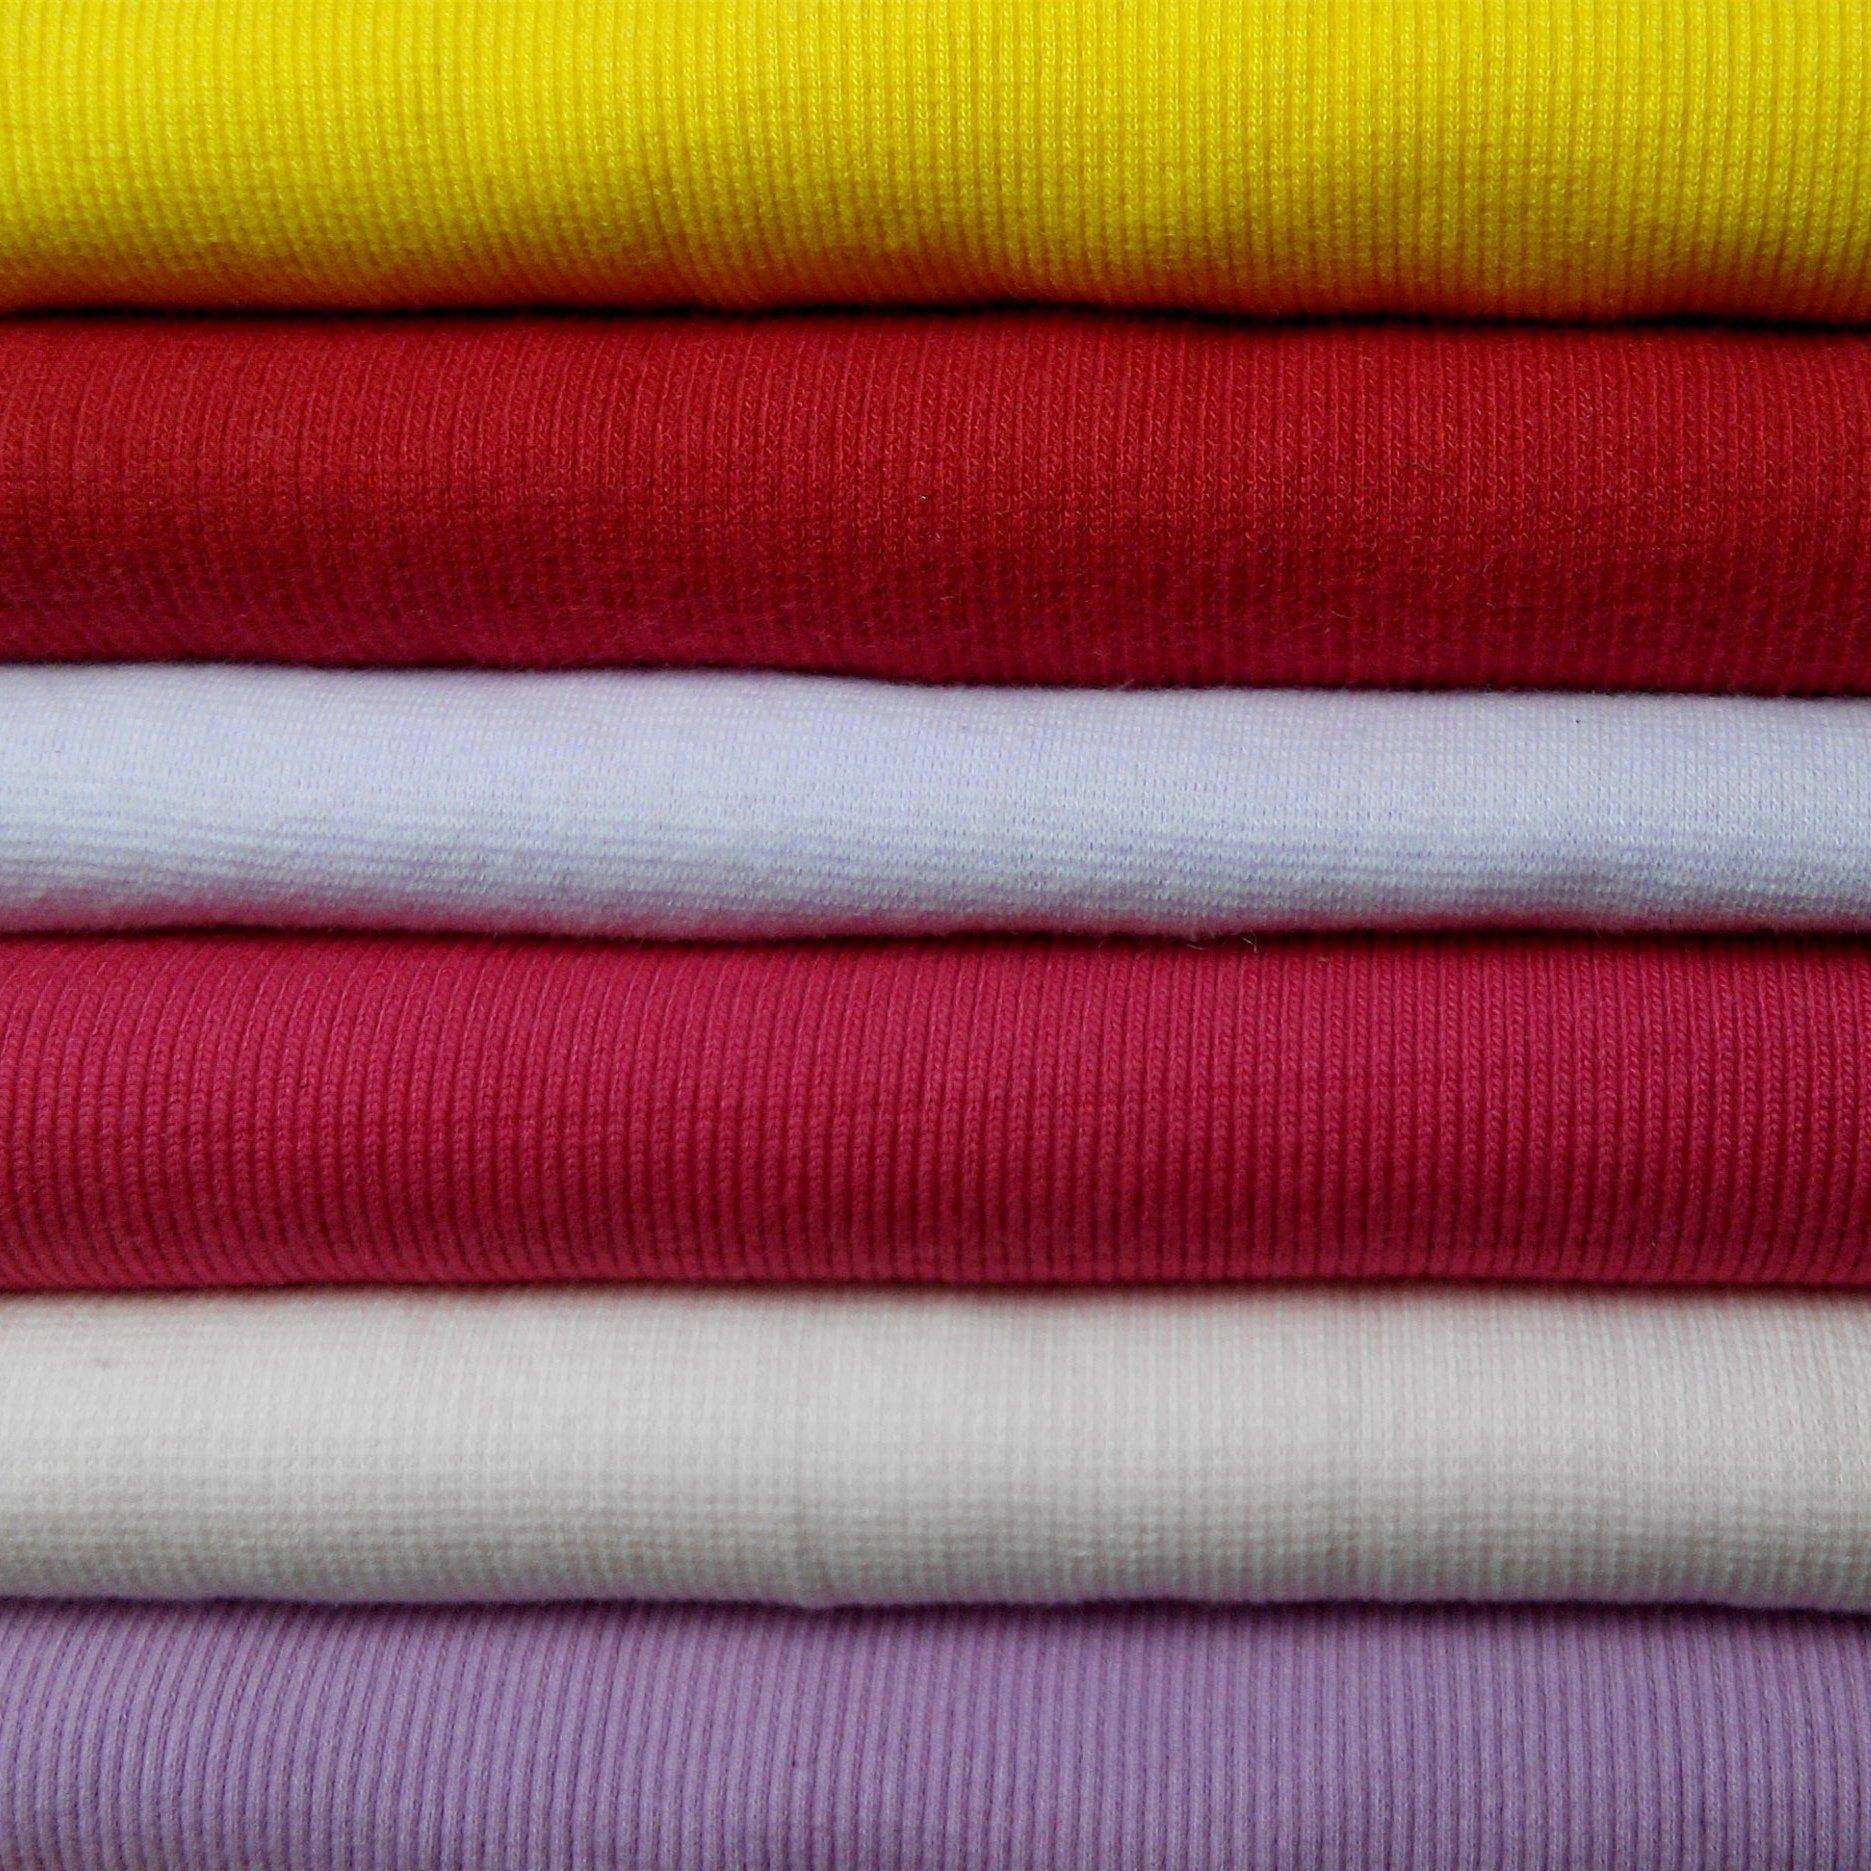 CHENFEI Vải Rib bo Cung cấp liền mạch sườn sườn dệt kim sáng tạo vải dệt kim sườn đan 1 * 12 * 2 vải